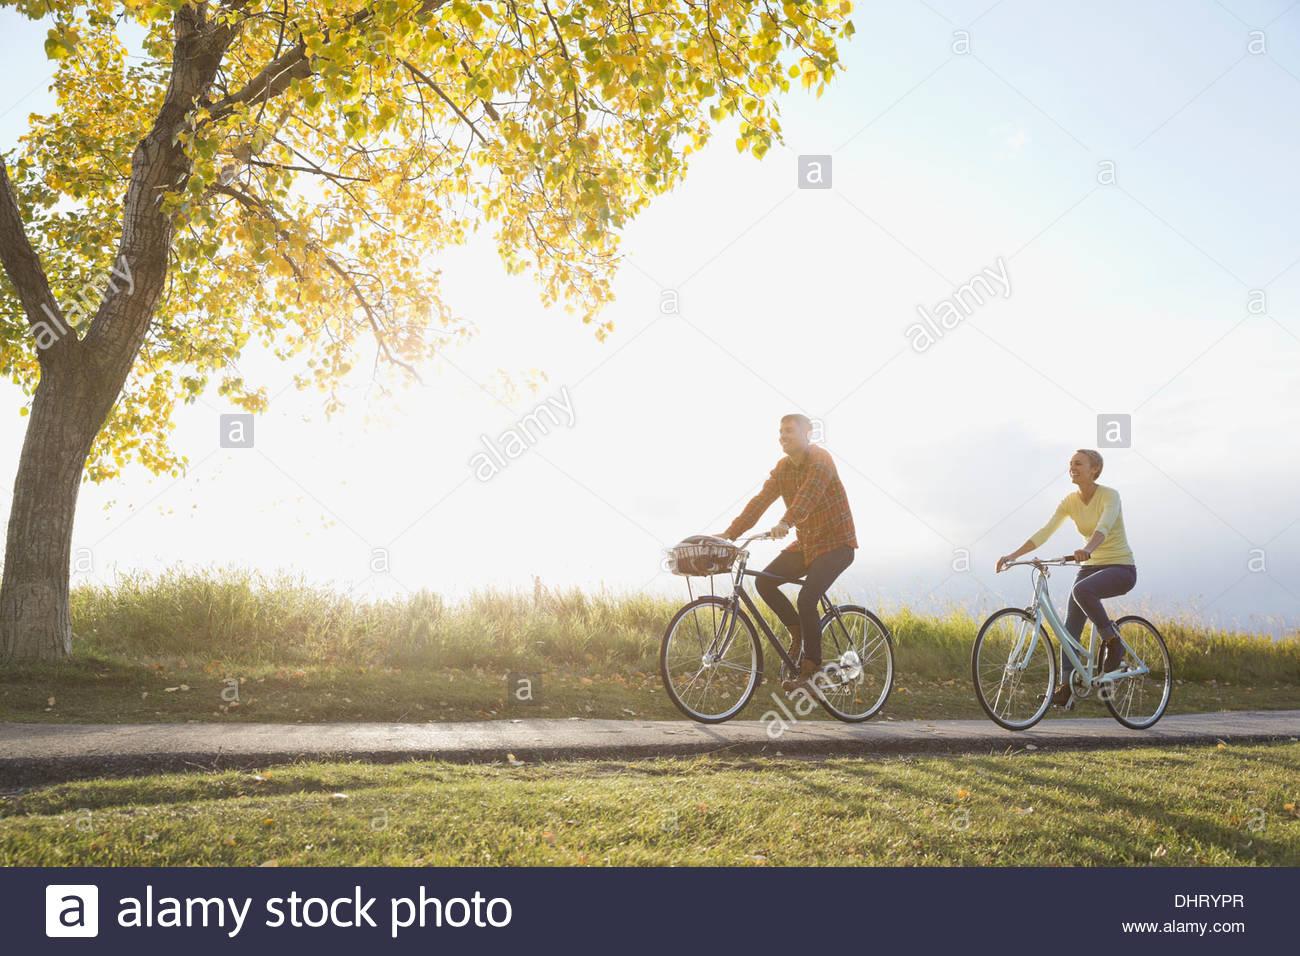 Paio di ciclismo su strada di campagna Immagini Stock